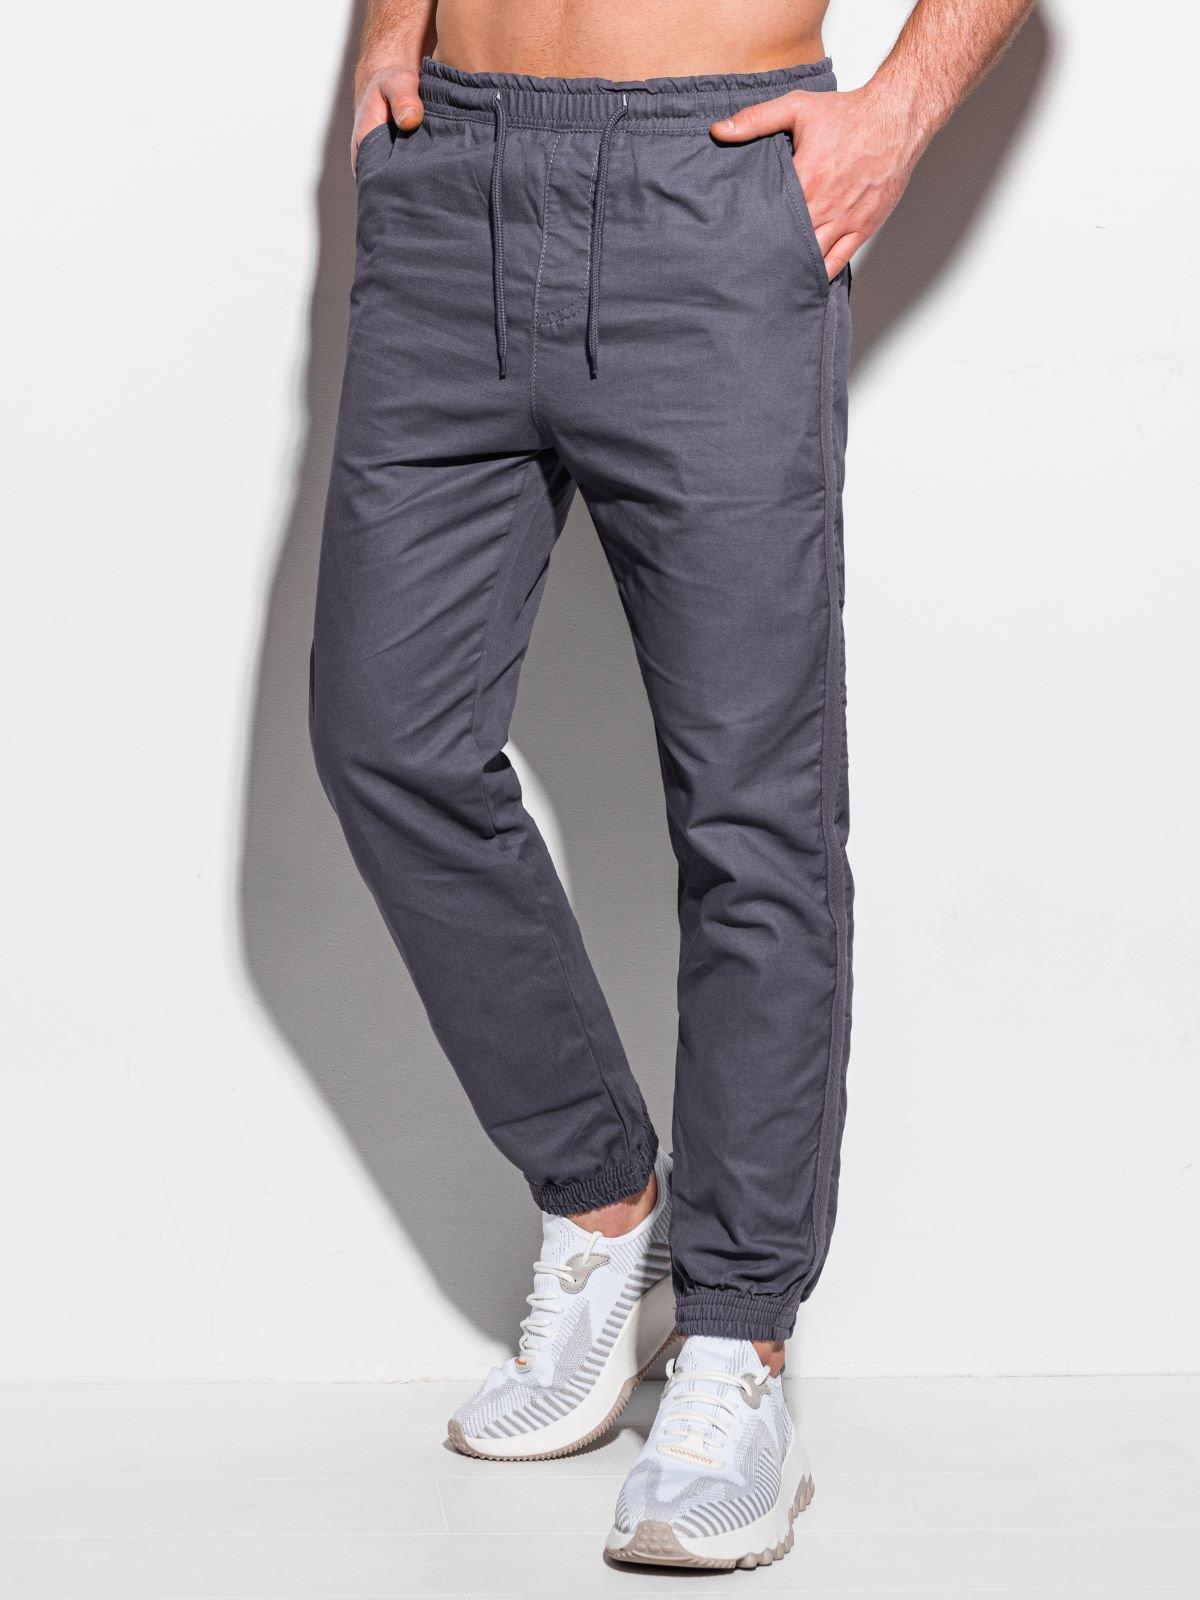 Spodnie męskie joggery (19,98zł/szt) przy zakupie 2 szt